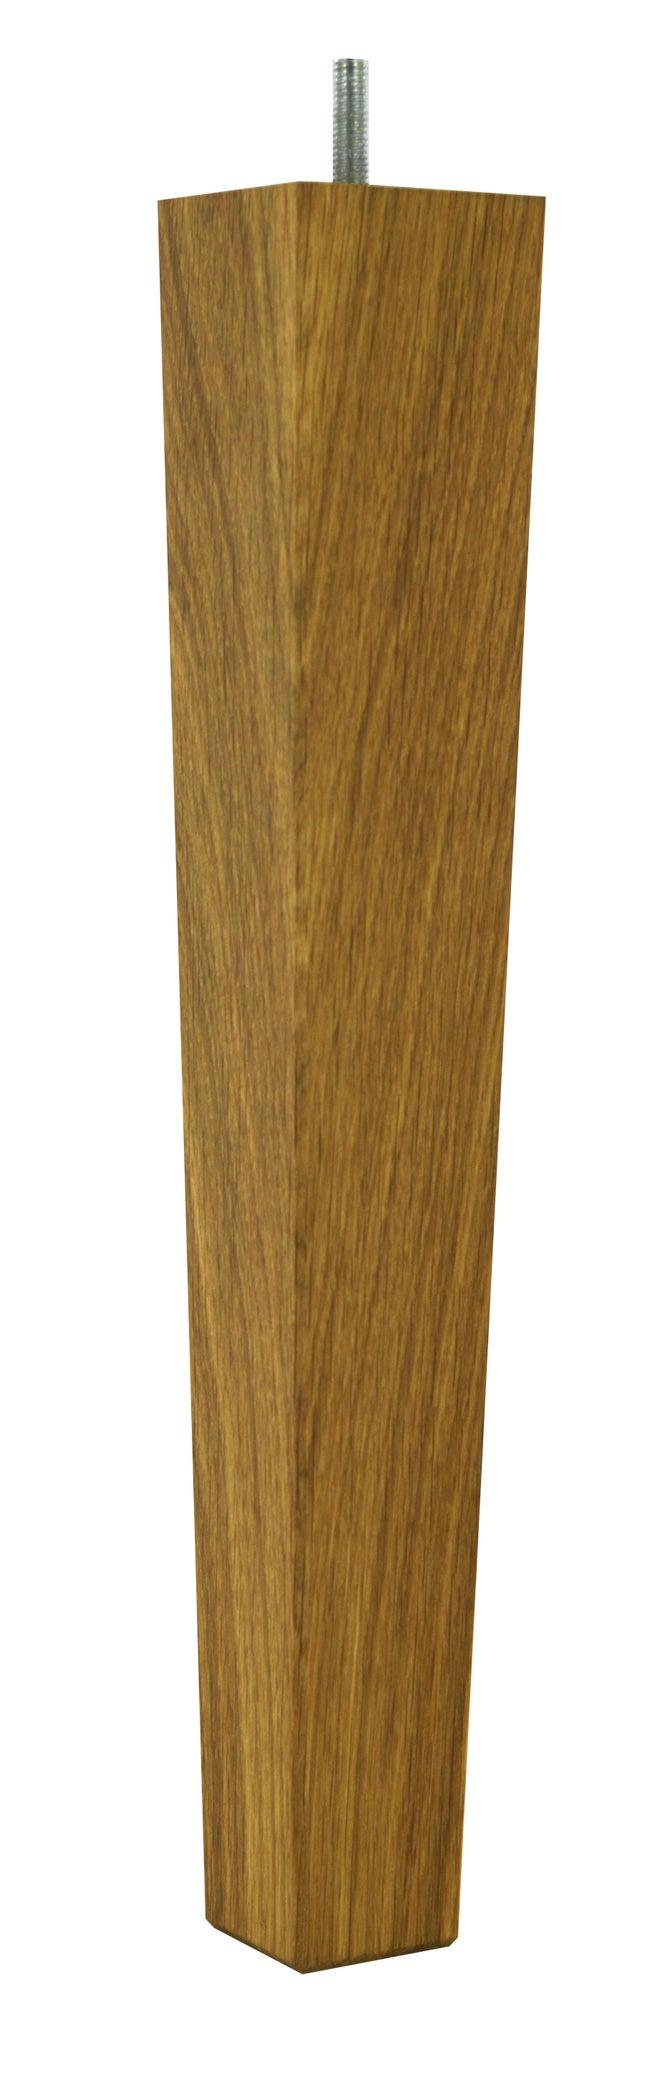 Pied De Table Basse Autres Fixe Chene Teinte Brun Marron 36 Cm